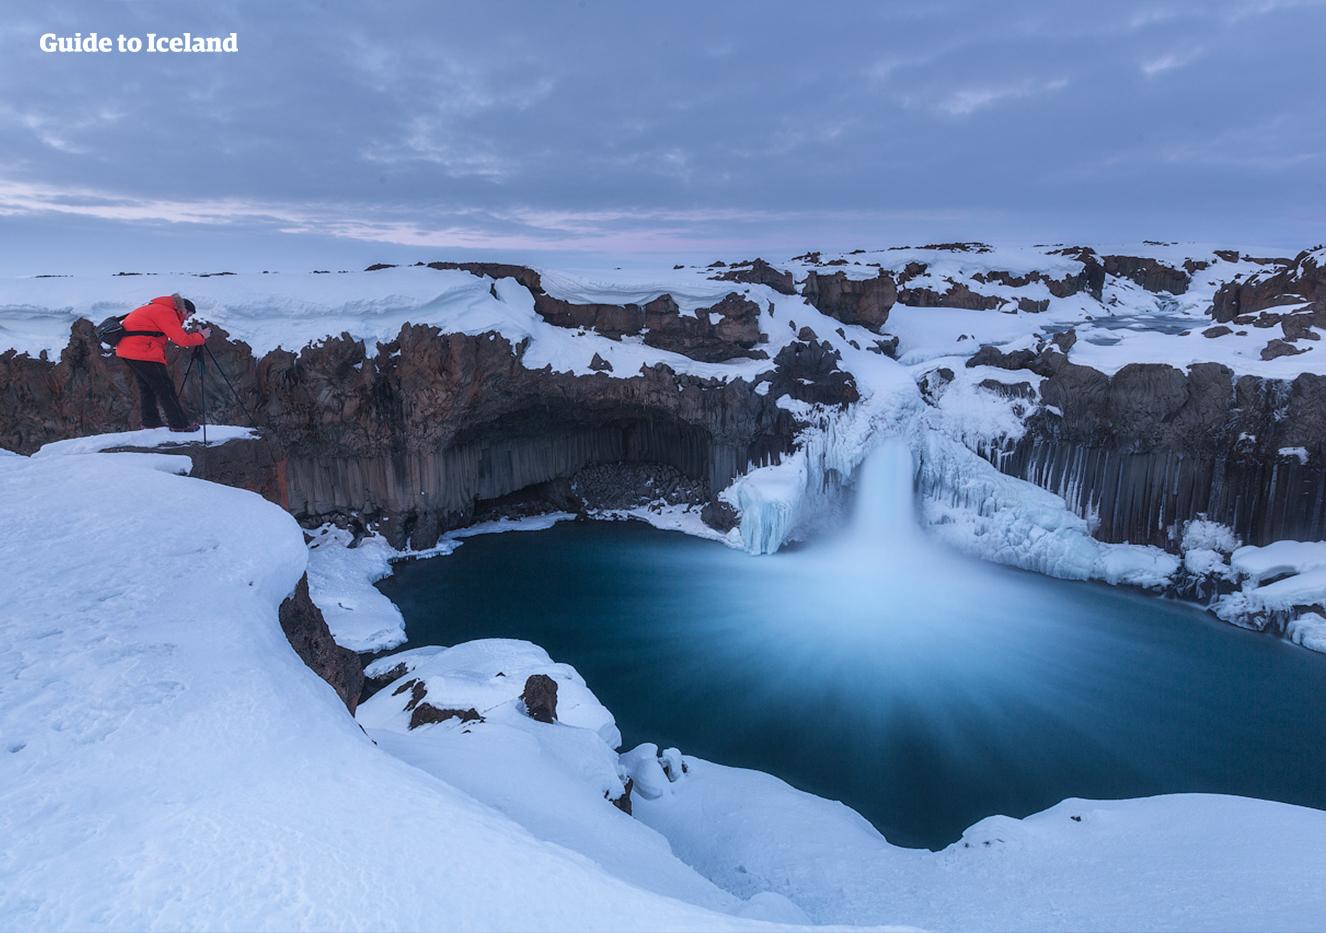 북부 아이슬란드와 하이랜드 사이에 위치한 알데이야포스 폭포, 겨울에도 그 아름다움을 감상할 수 있습니다.